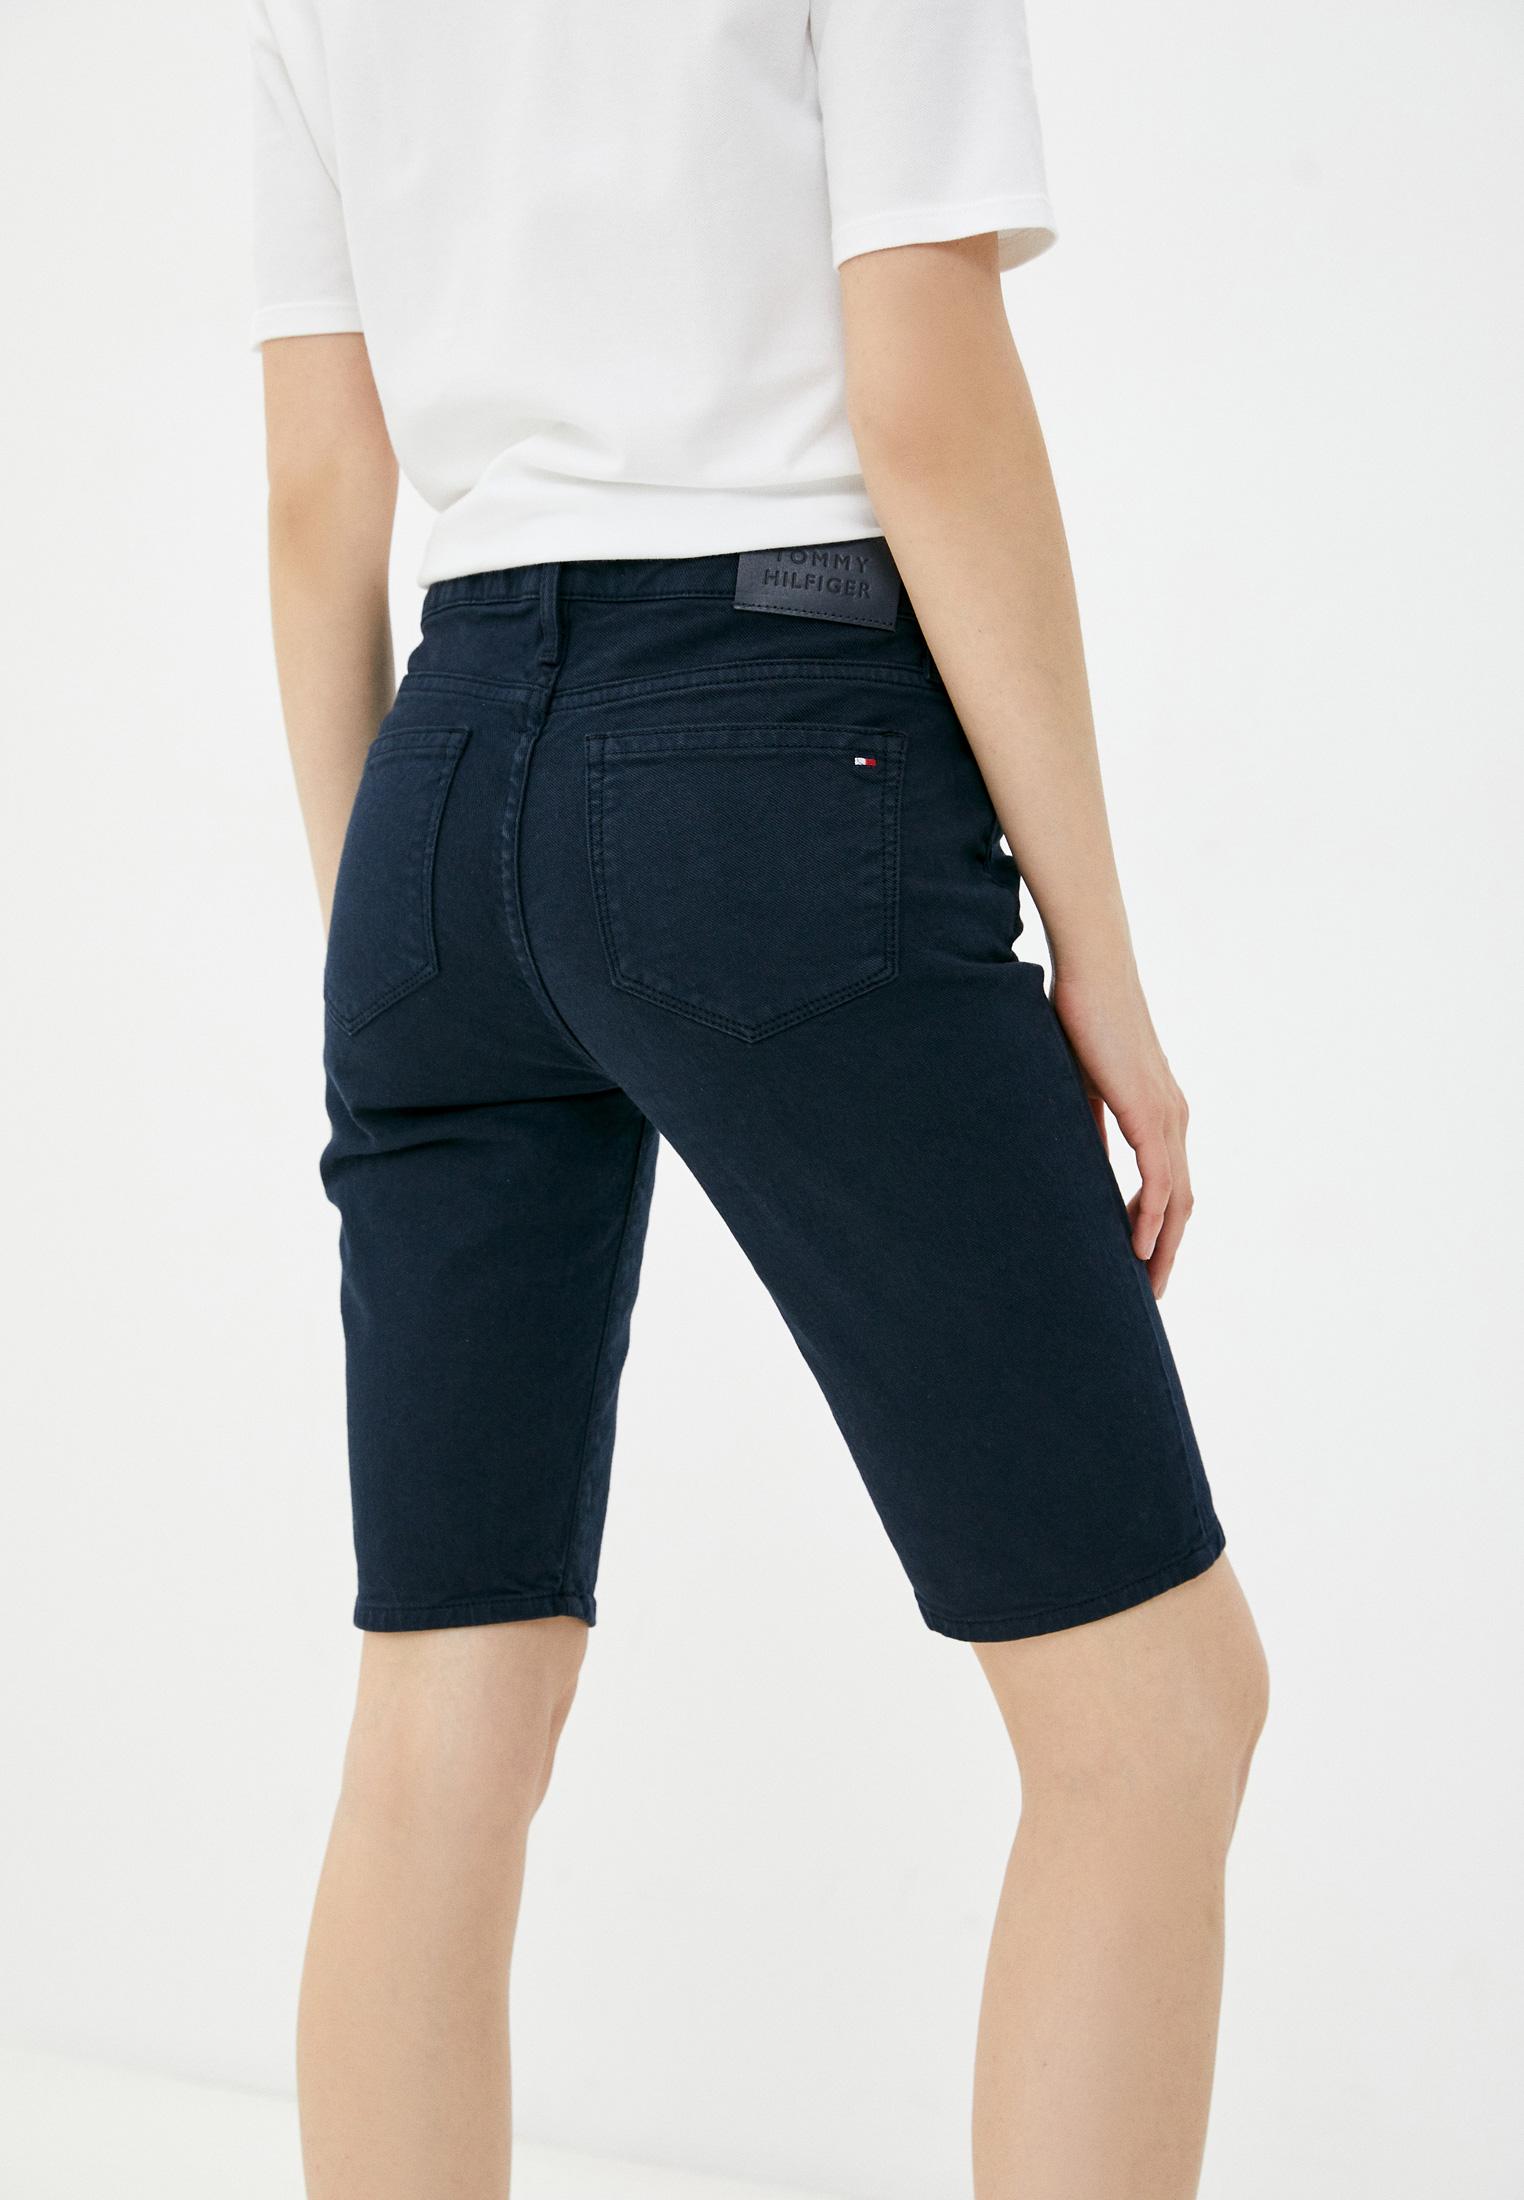 Женские джинсовые шорты Tommy Hilfiger (Томми Хилфигер) WW0WW30531: изображение 3